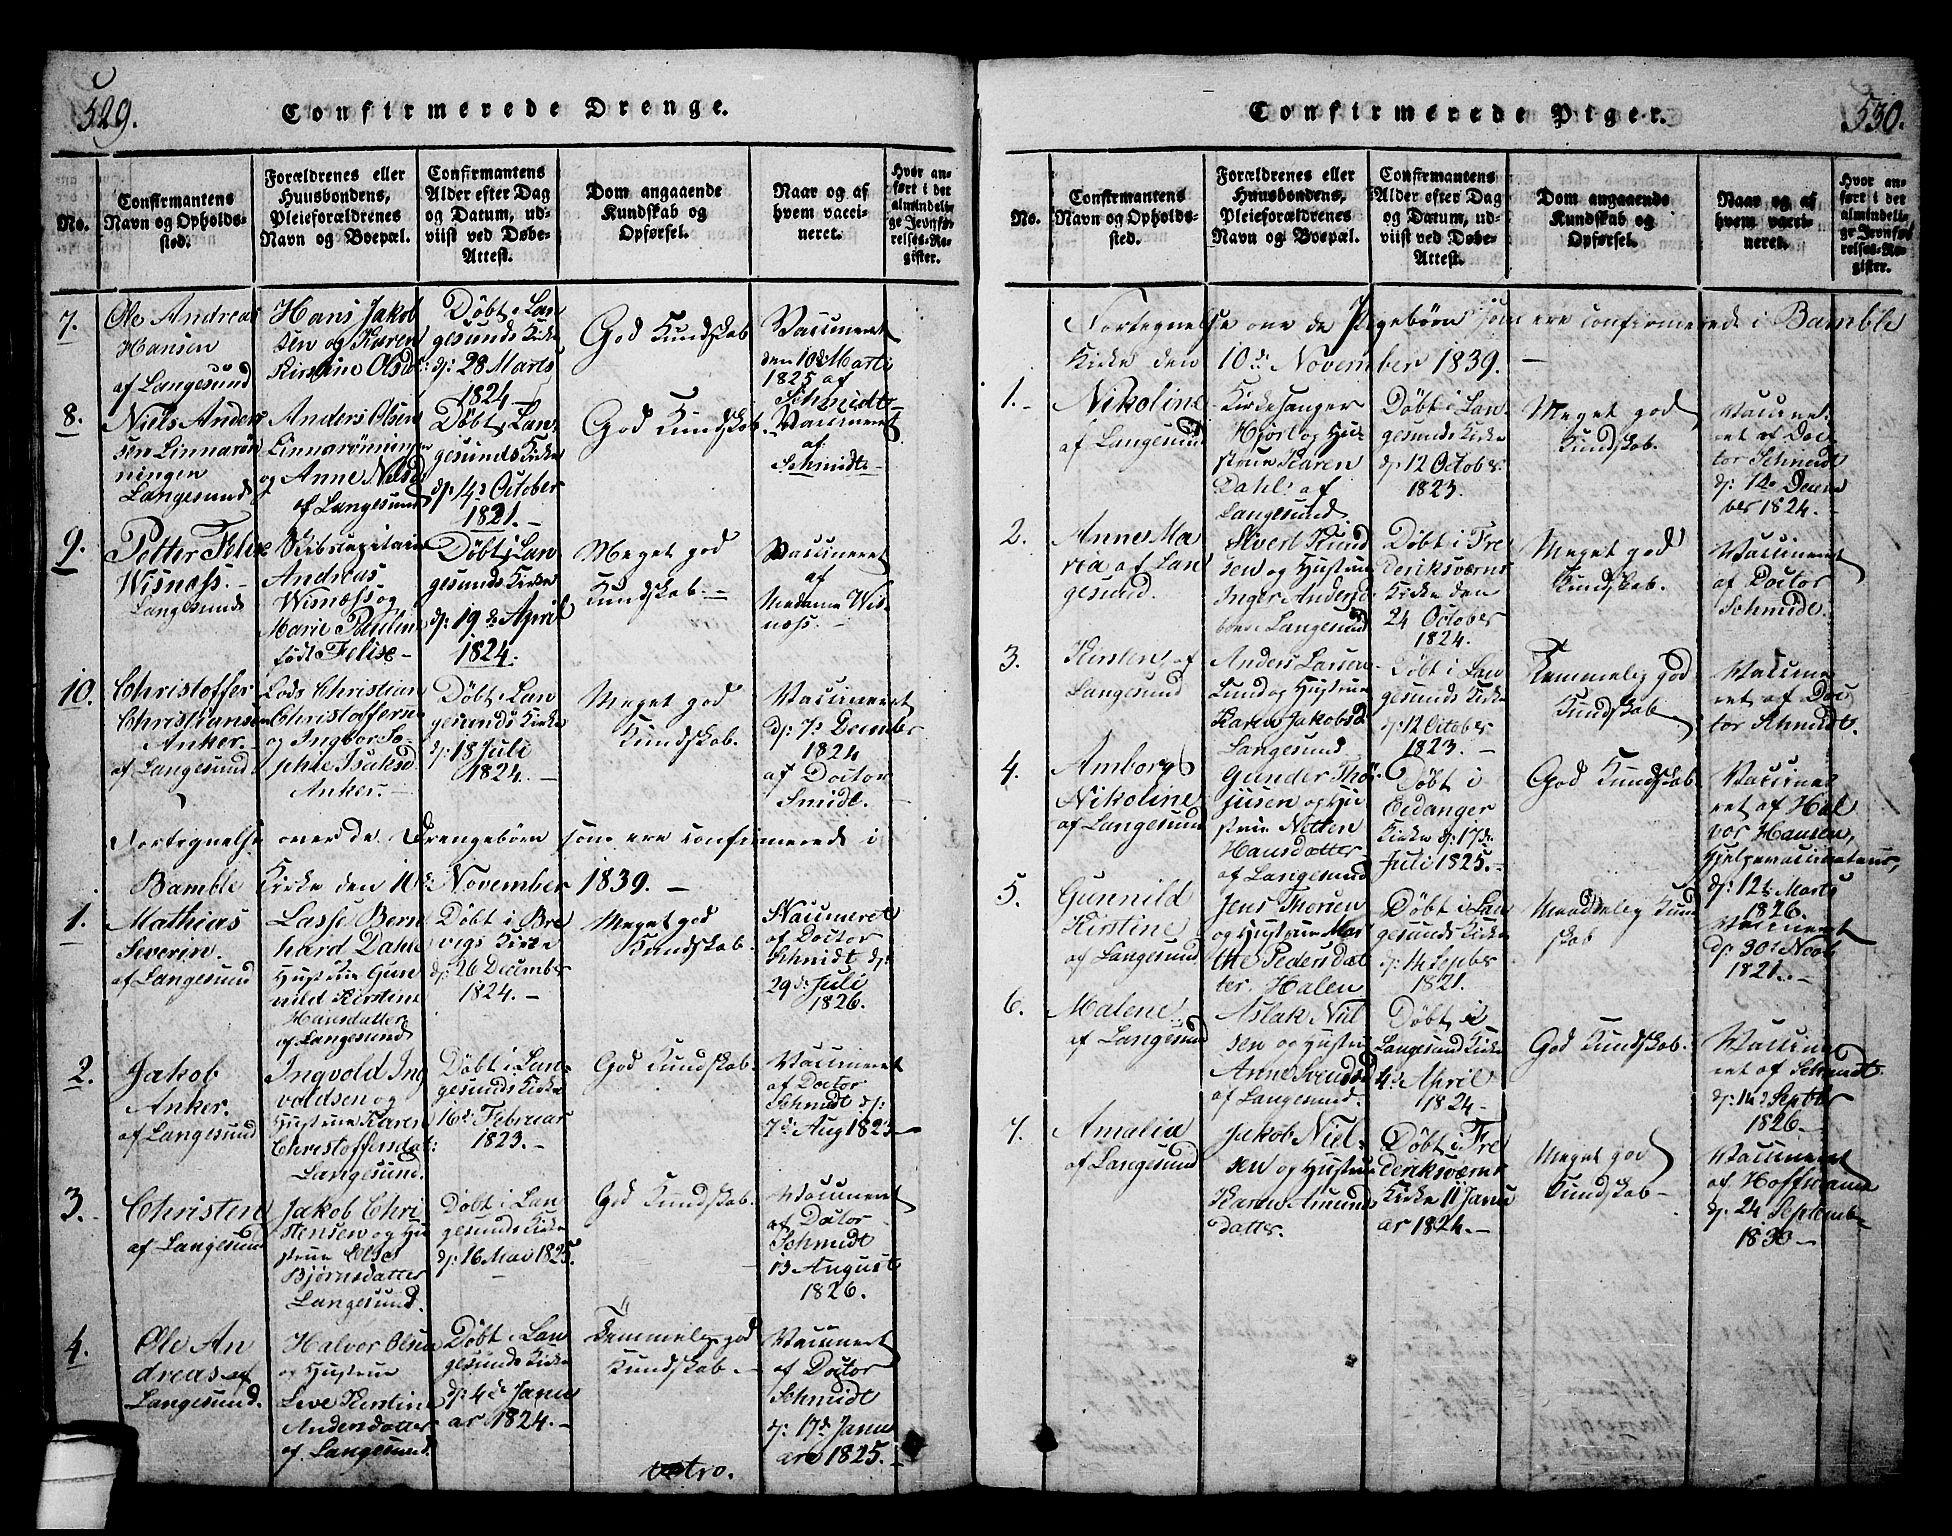 SAKO, Langesund kirkebøker, G/Ga/L0003: Klokkerbok nr. 3, 1815-1858, s. 529-530